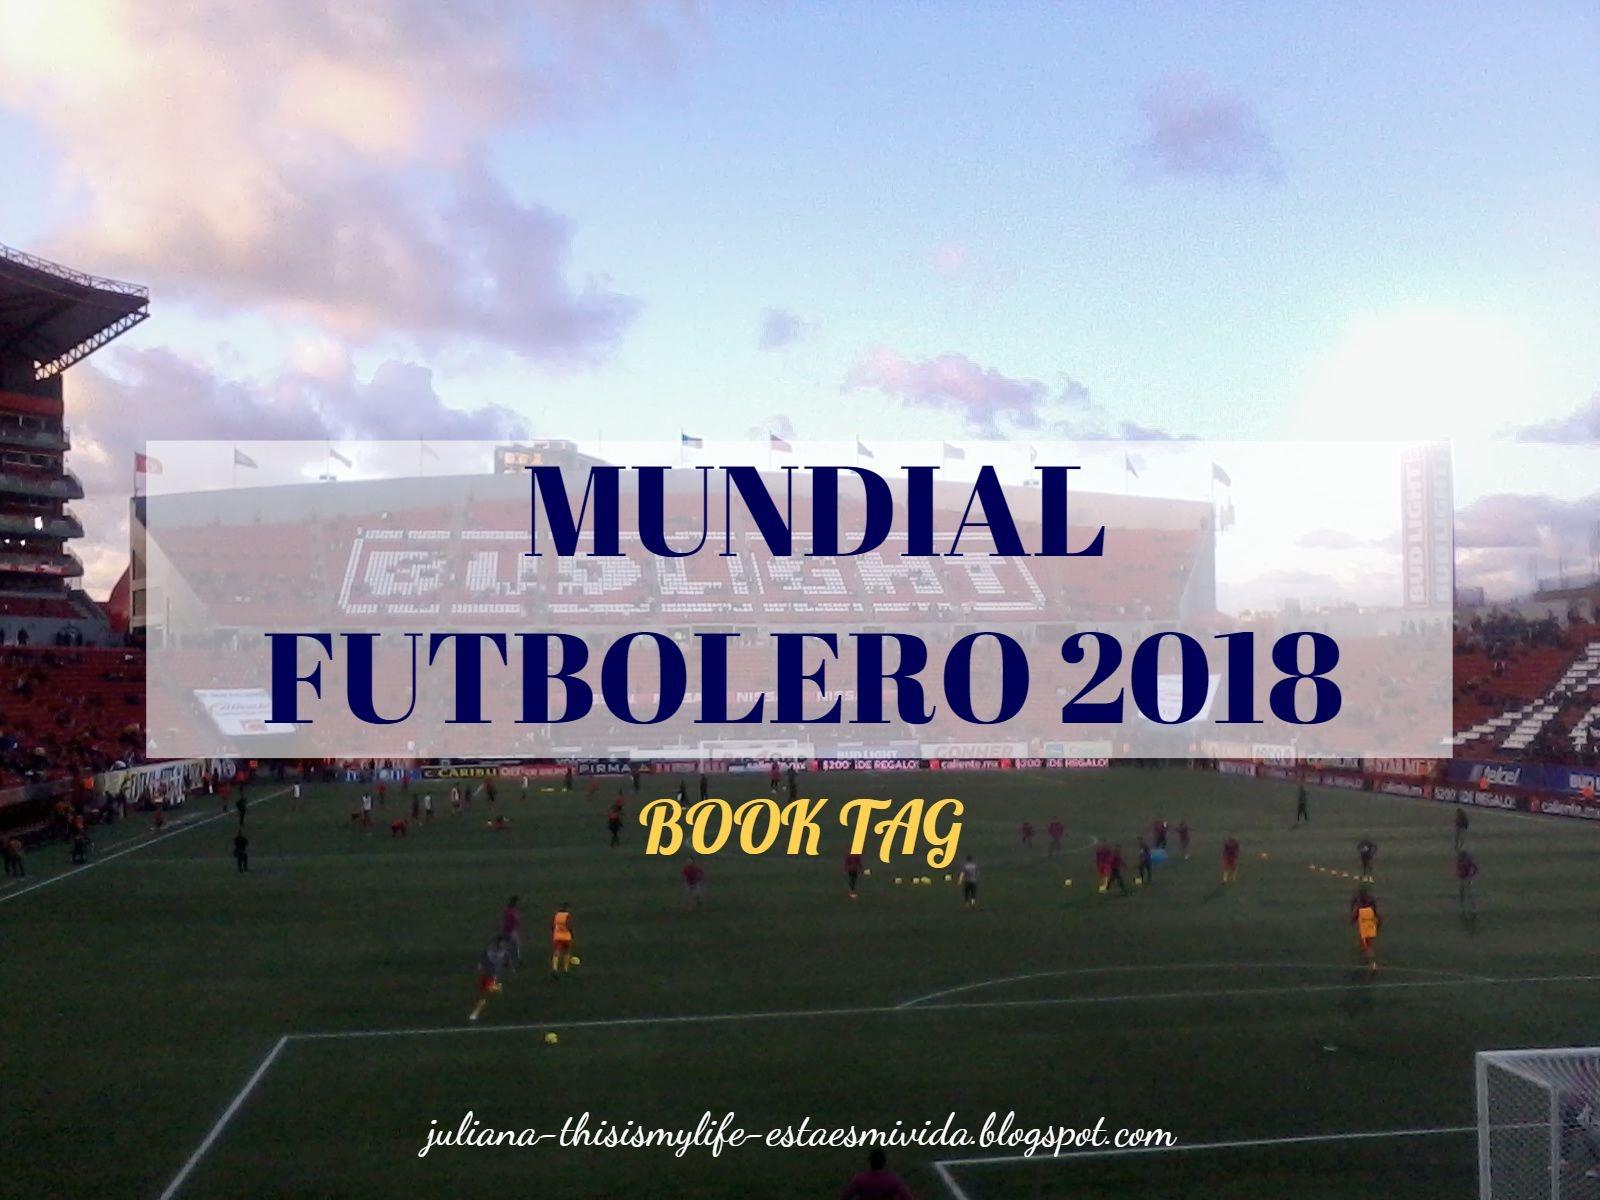 MUNDIAL FUTBOLERO 2018